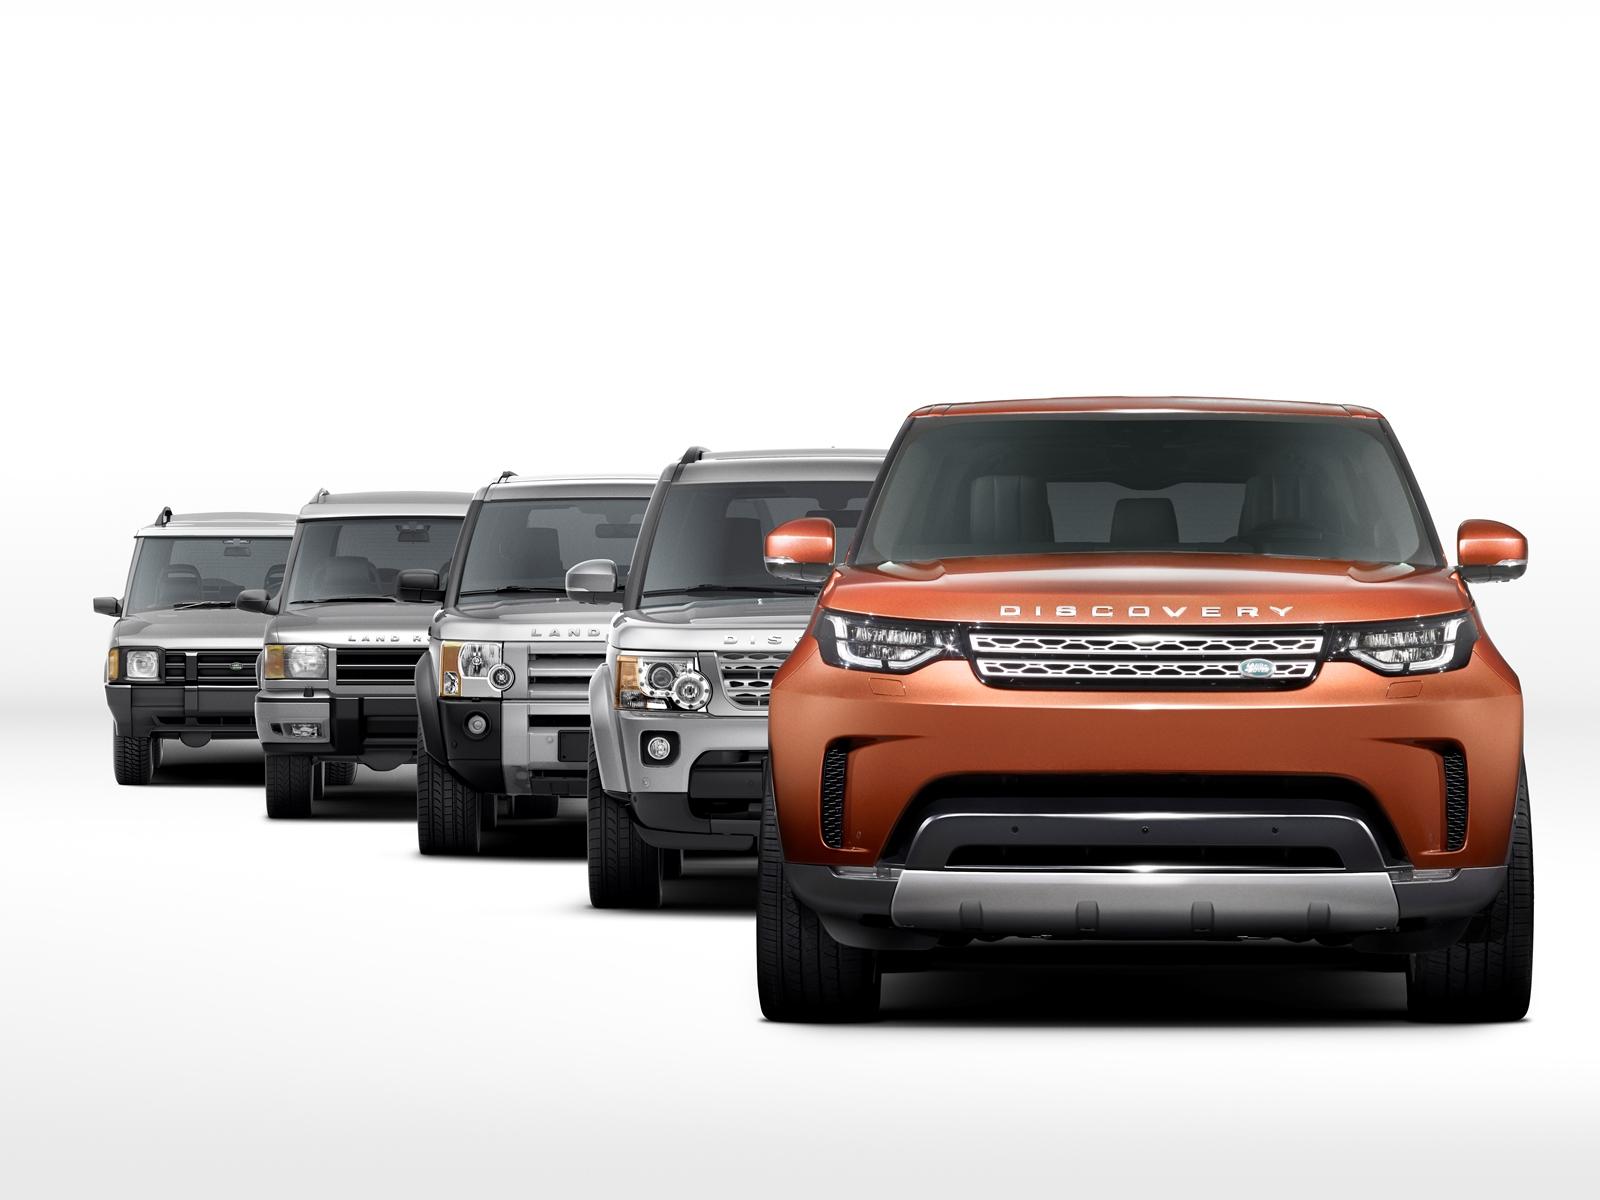 Nuova Land Rover Discovery prime foto ufficiali 6 settembre 2016